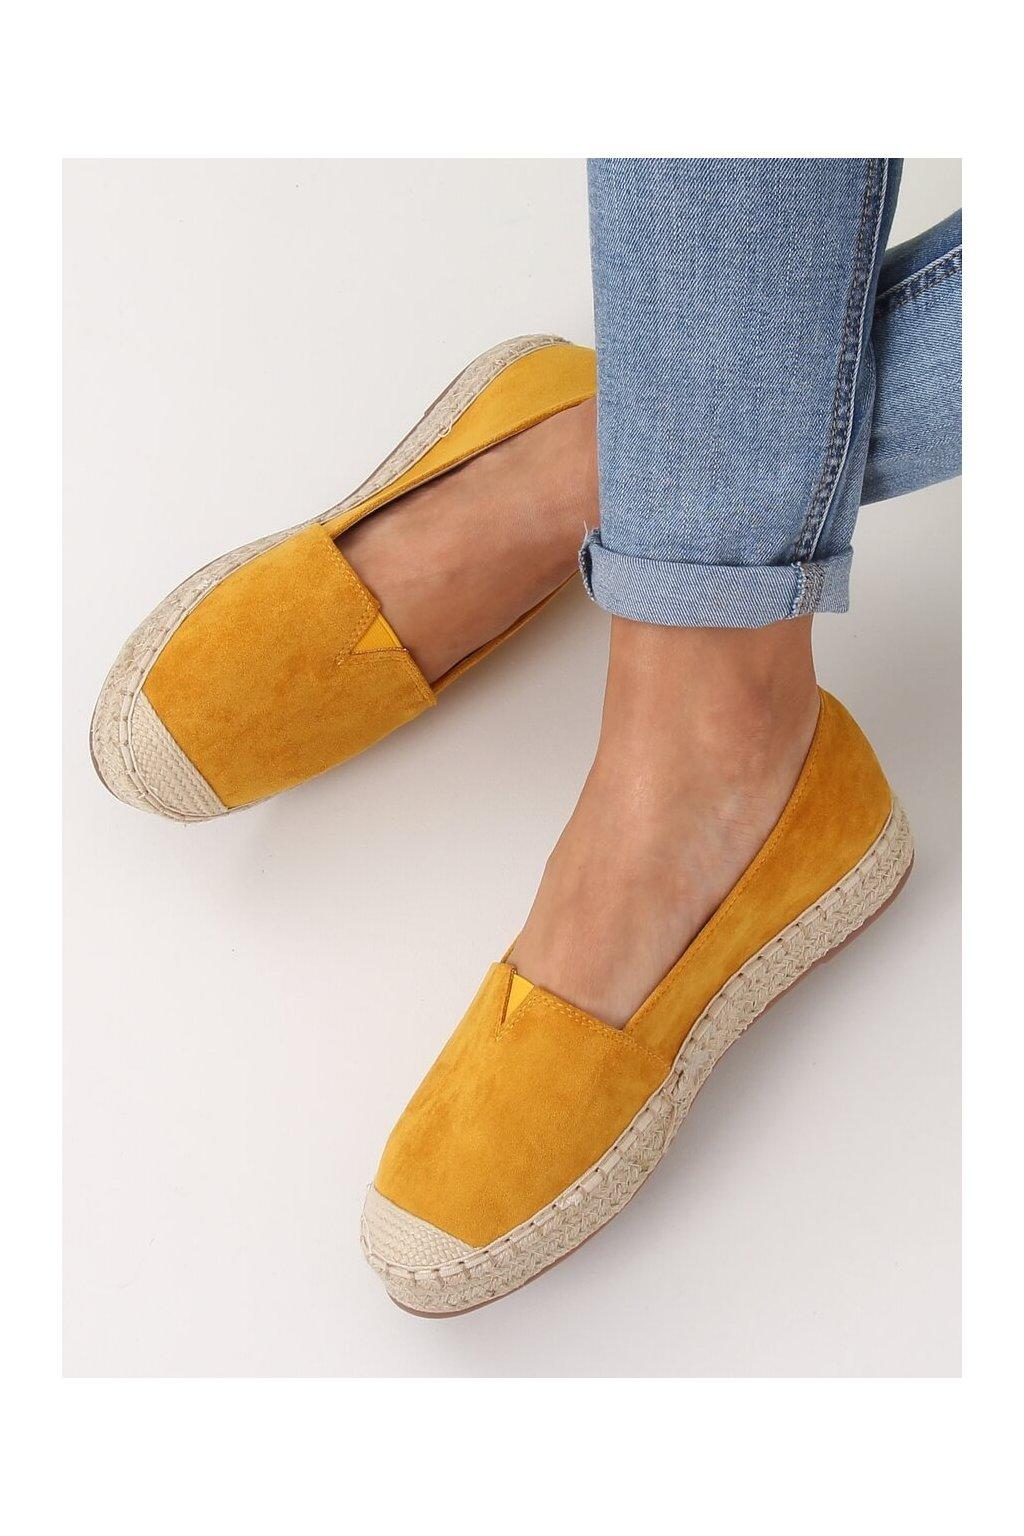 Dámske sandále žlté na plochom podpätku NJSK 99-23A